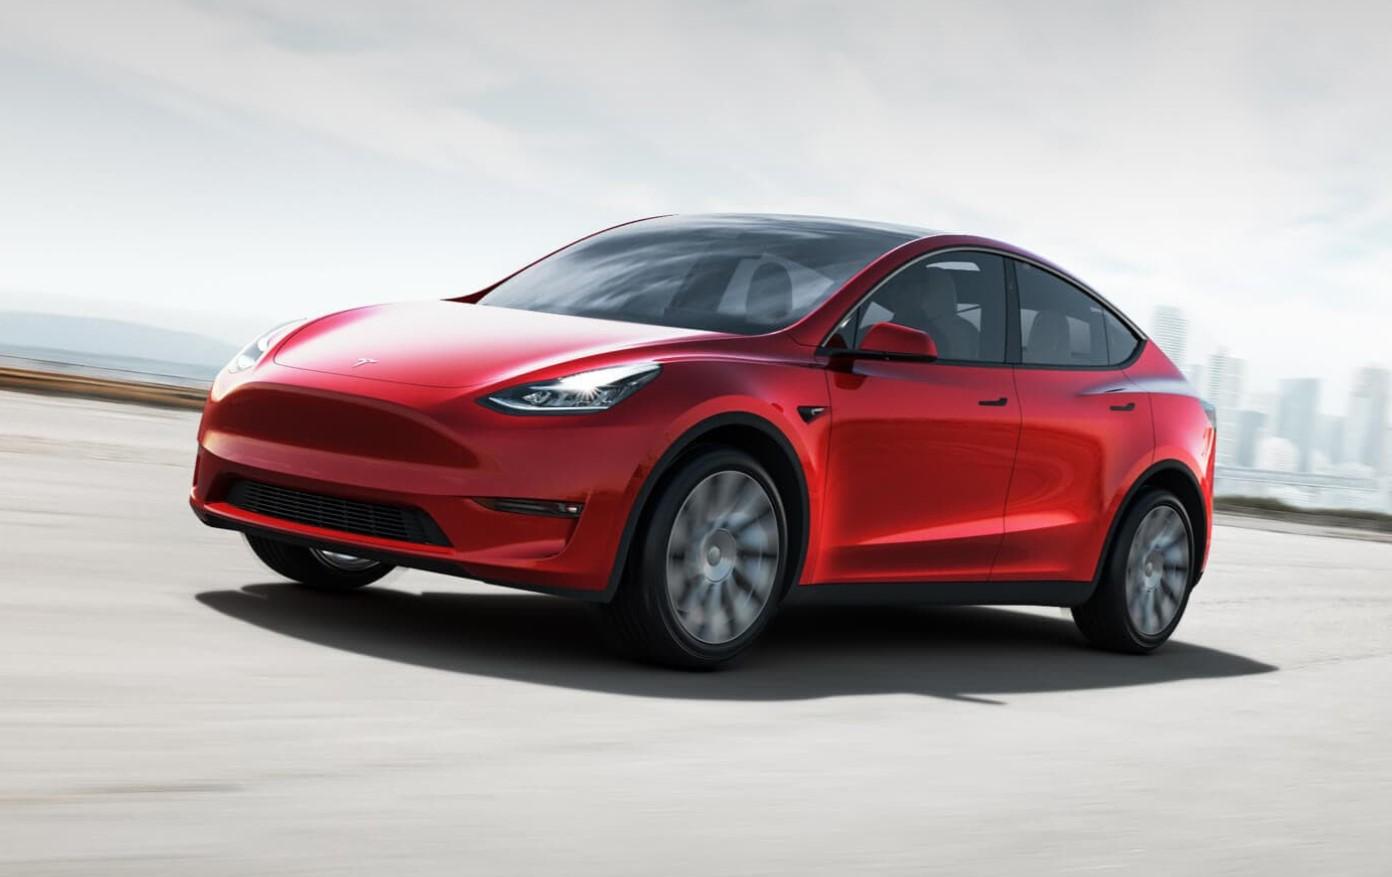 Tesla model y render on the road